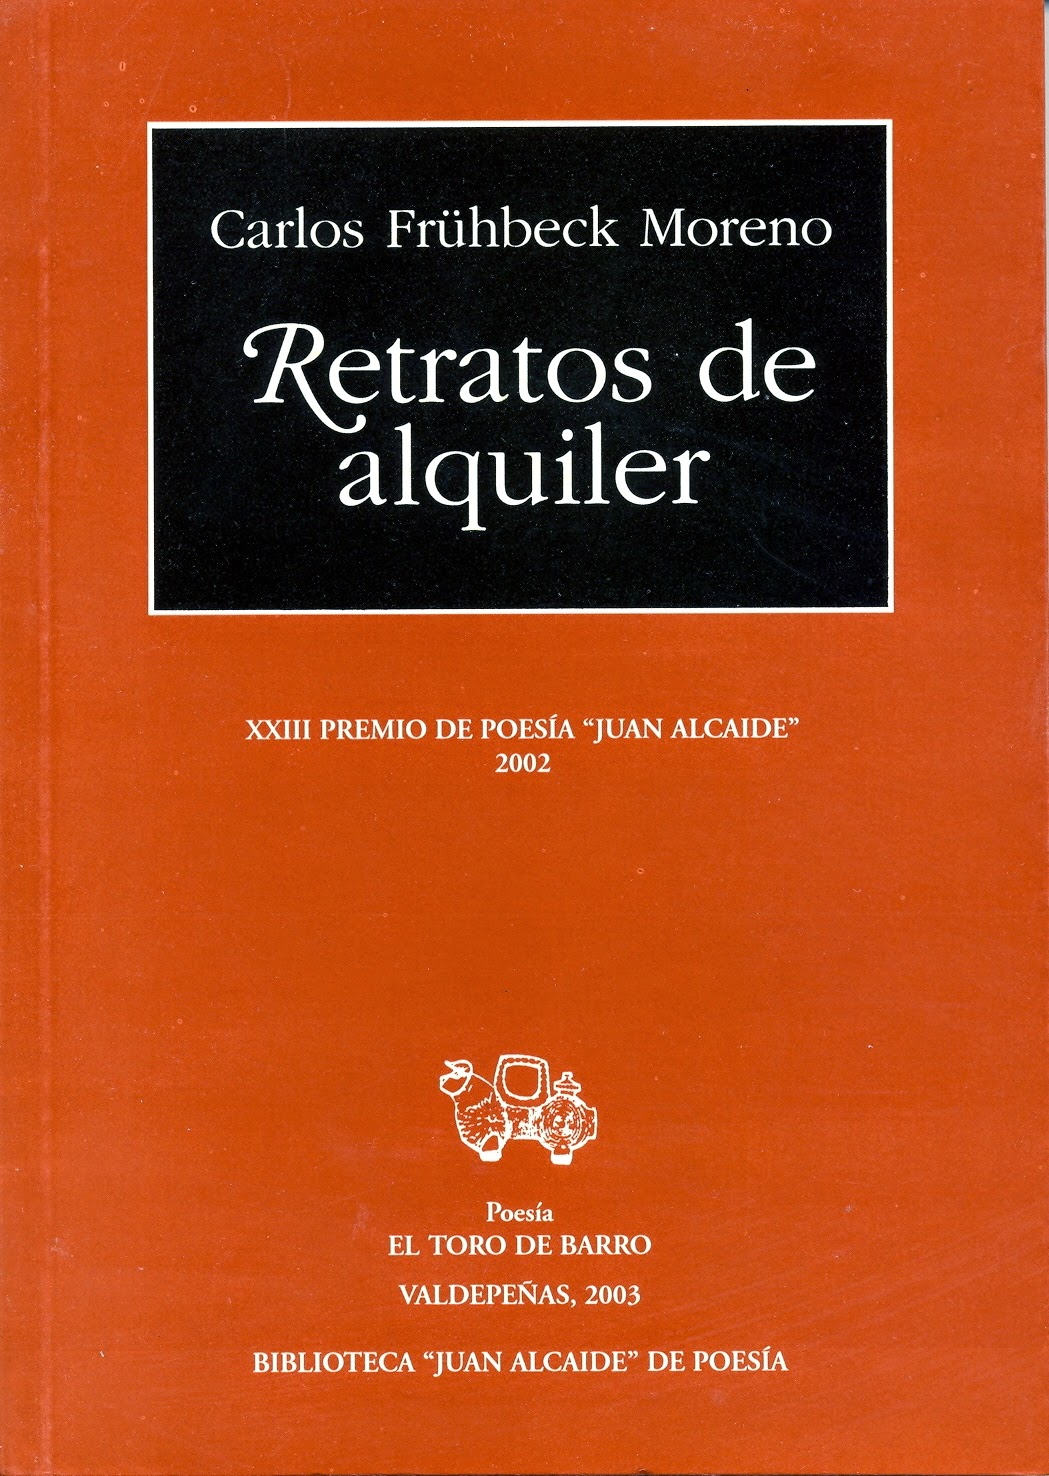 """Carlos Fruhbeck Moreno, """"Retratos de alquiler"""" Premio Internacional de Poesía Juan Alcaide Col. «Mayor» Ed. El Toro de Barro, Carlos Morales Ed., Tarancón de Cuenca, 2003. edicioneseltorodebarro@yahoo.es"""